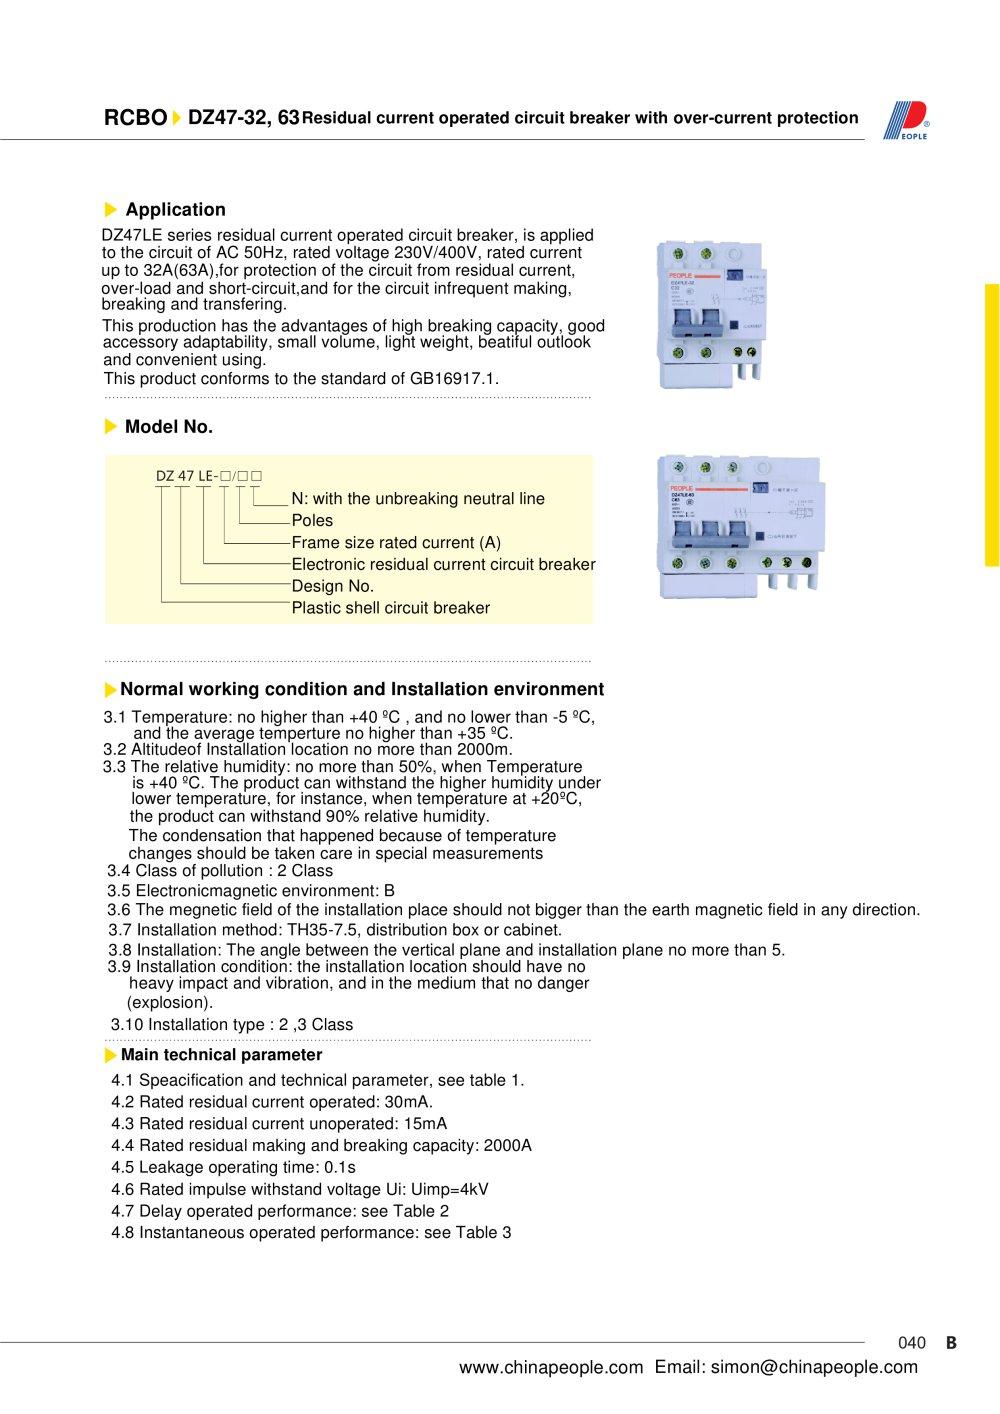 Dz47le Series Rcbo People Ele Appliance Group Co Ltd Pdf Short Circuit Appliances 1 2 Pages